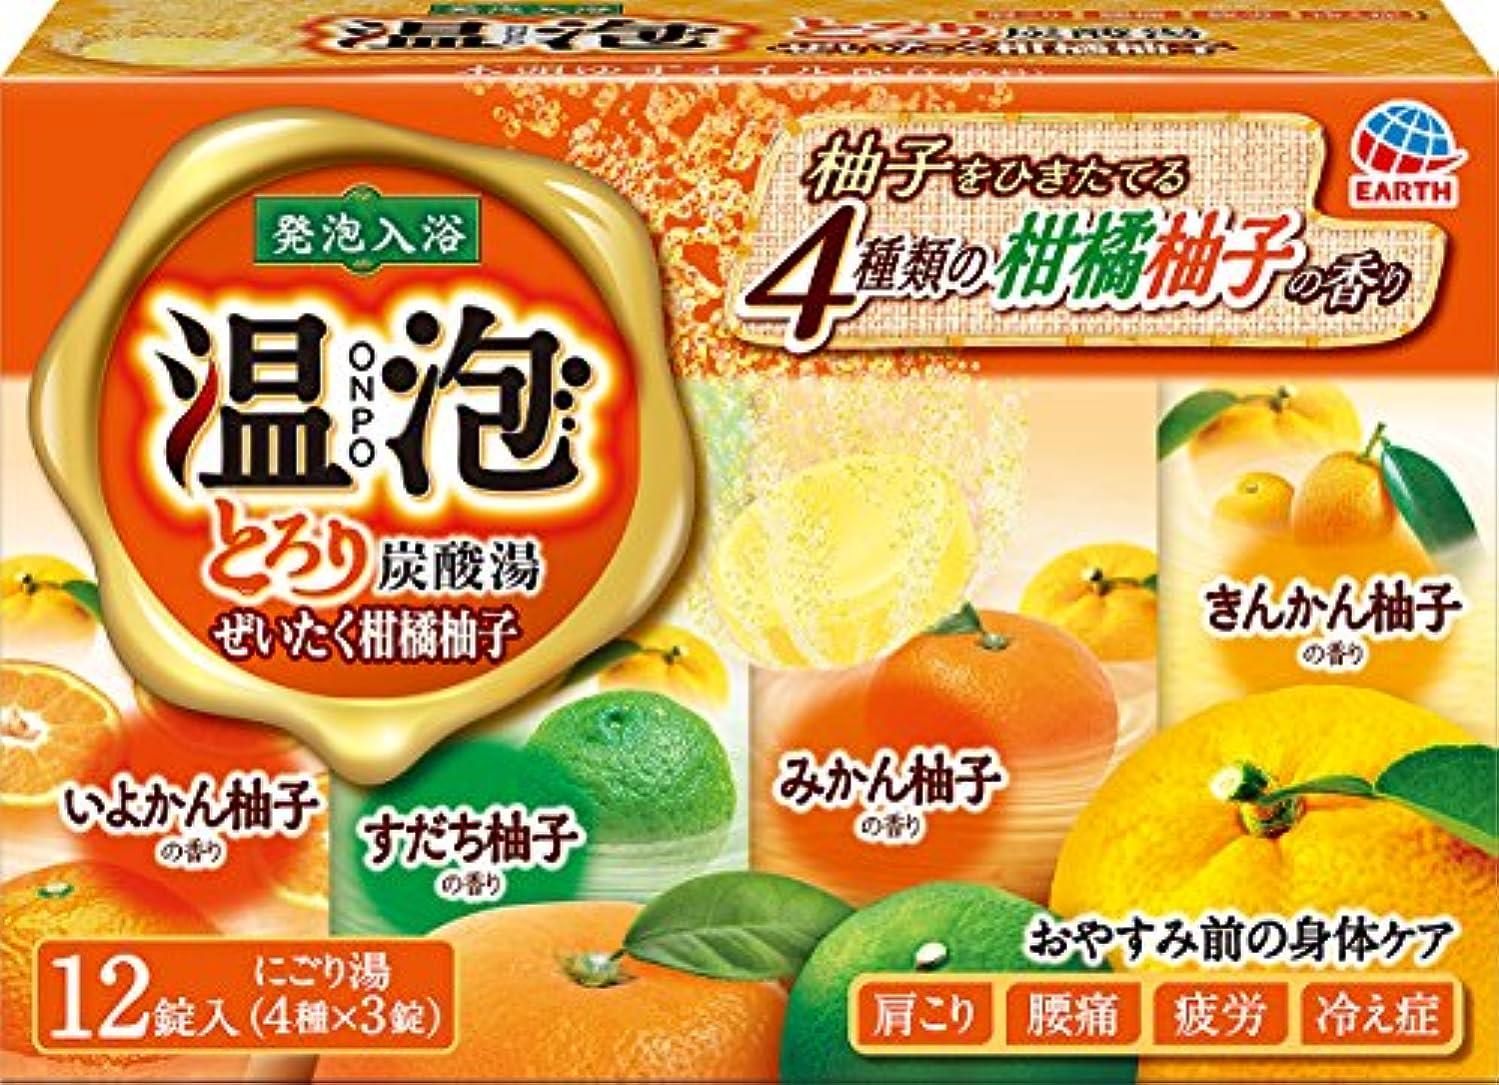 反対する確かな発行【医薬部外品】温泡(ONPO)入浴剤 とろり炭酸湯 ぜいたく柑橘柚子 4種 [4種x3錠 12錠入り]